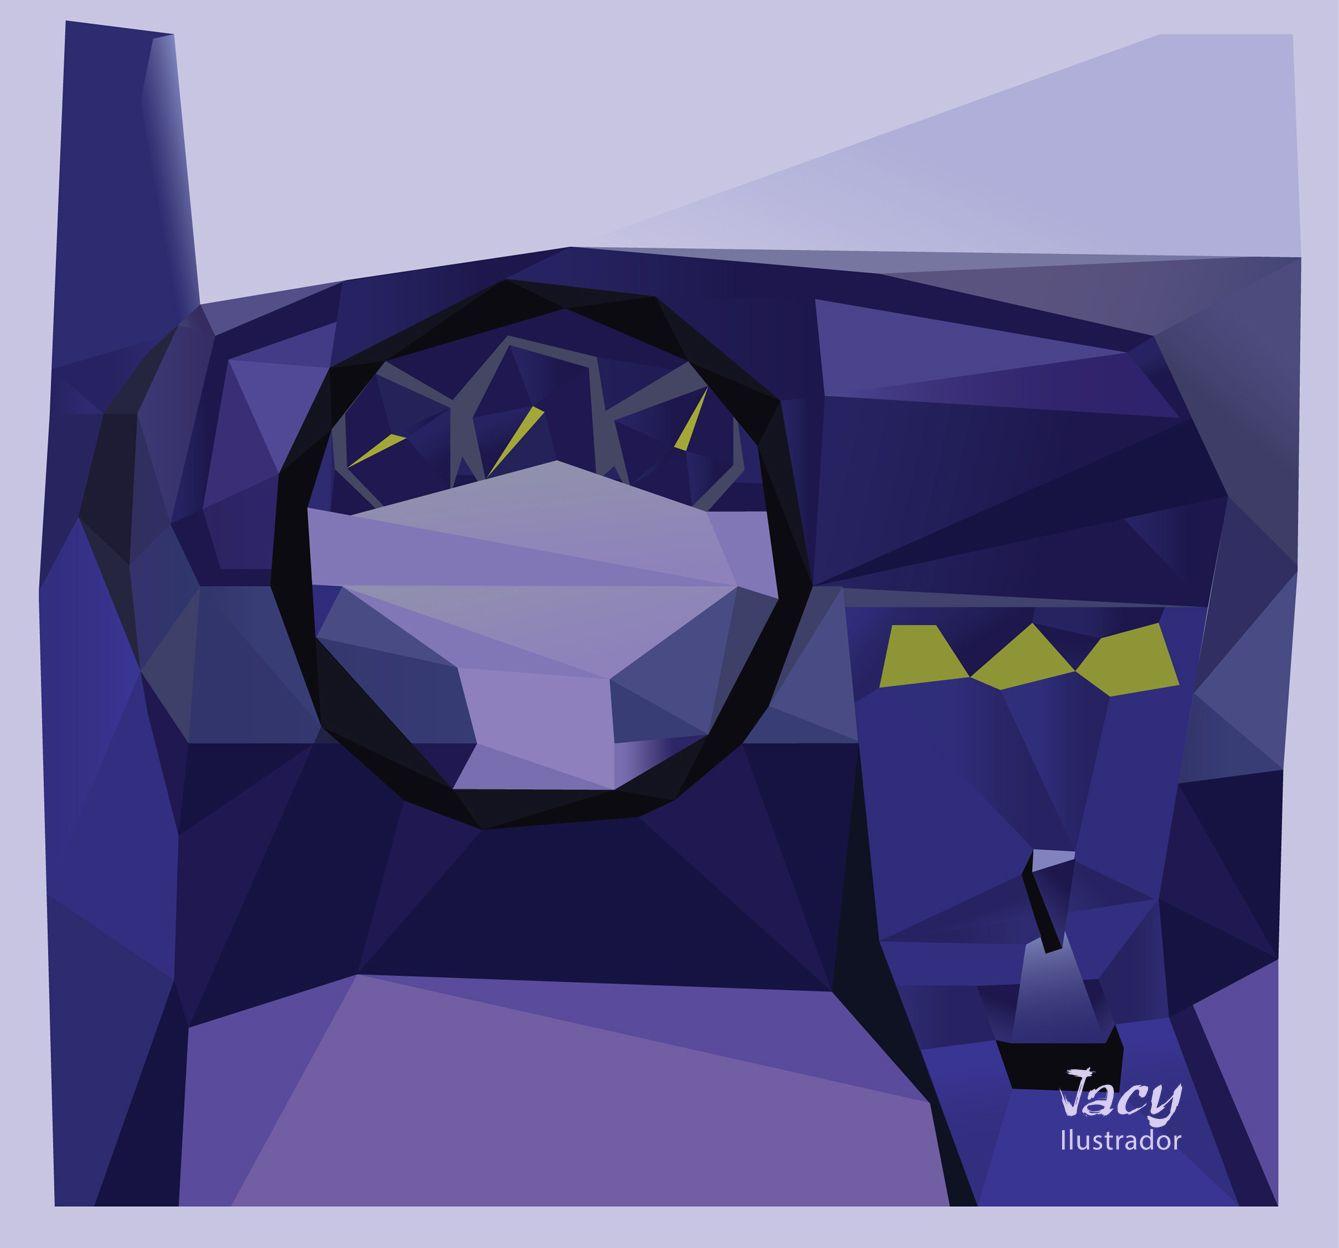 Painel. Desenho vetorial - - Feito em Adobe Illustrator